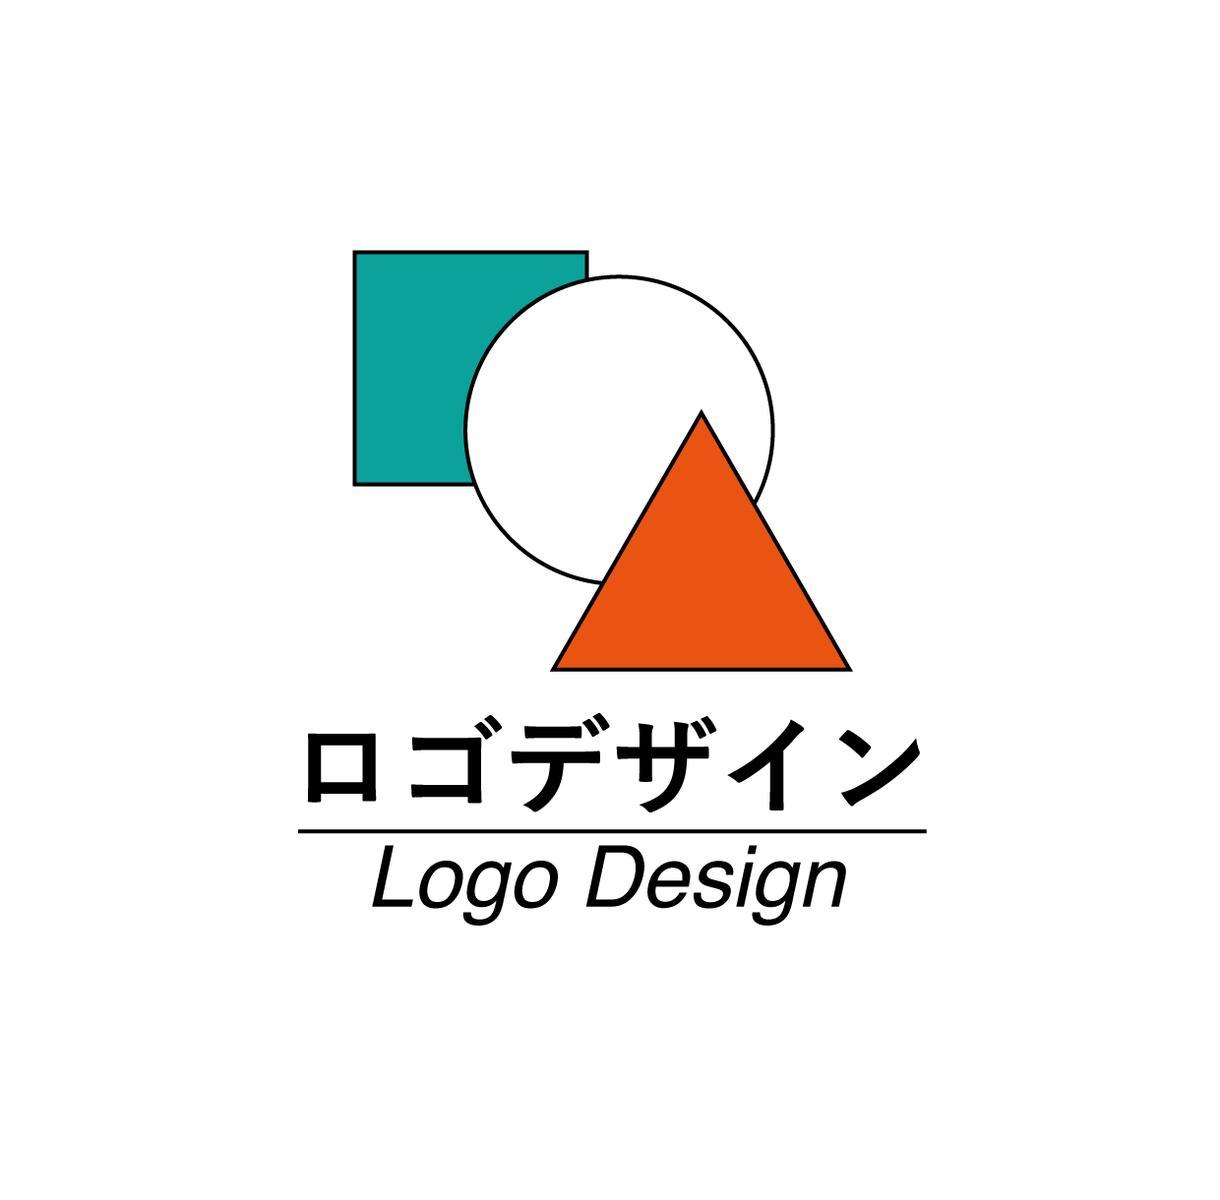 現役グラフィックデザイナーがロゴデザイン承ります 質の良いロゴデザインを提供致します